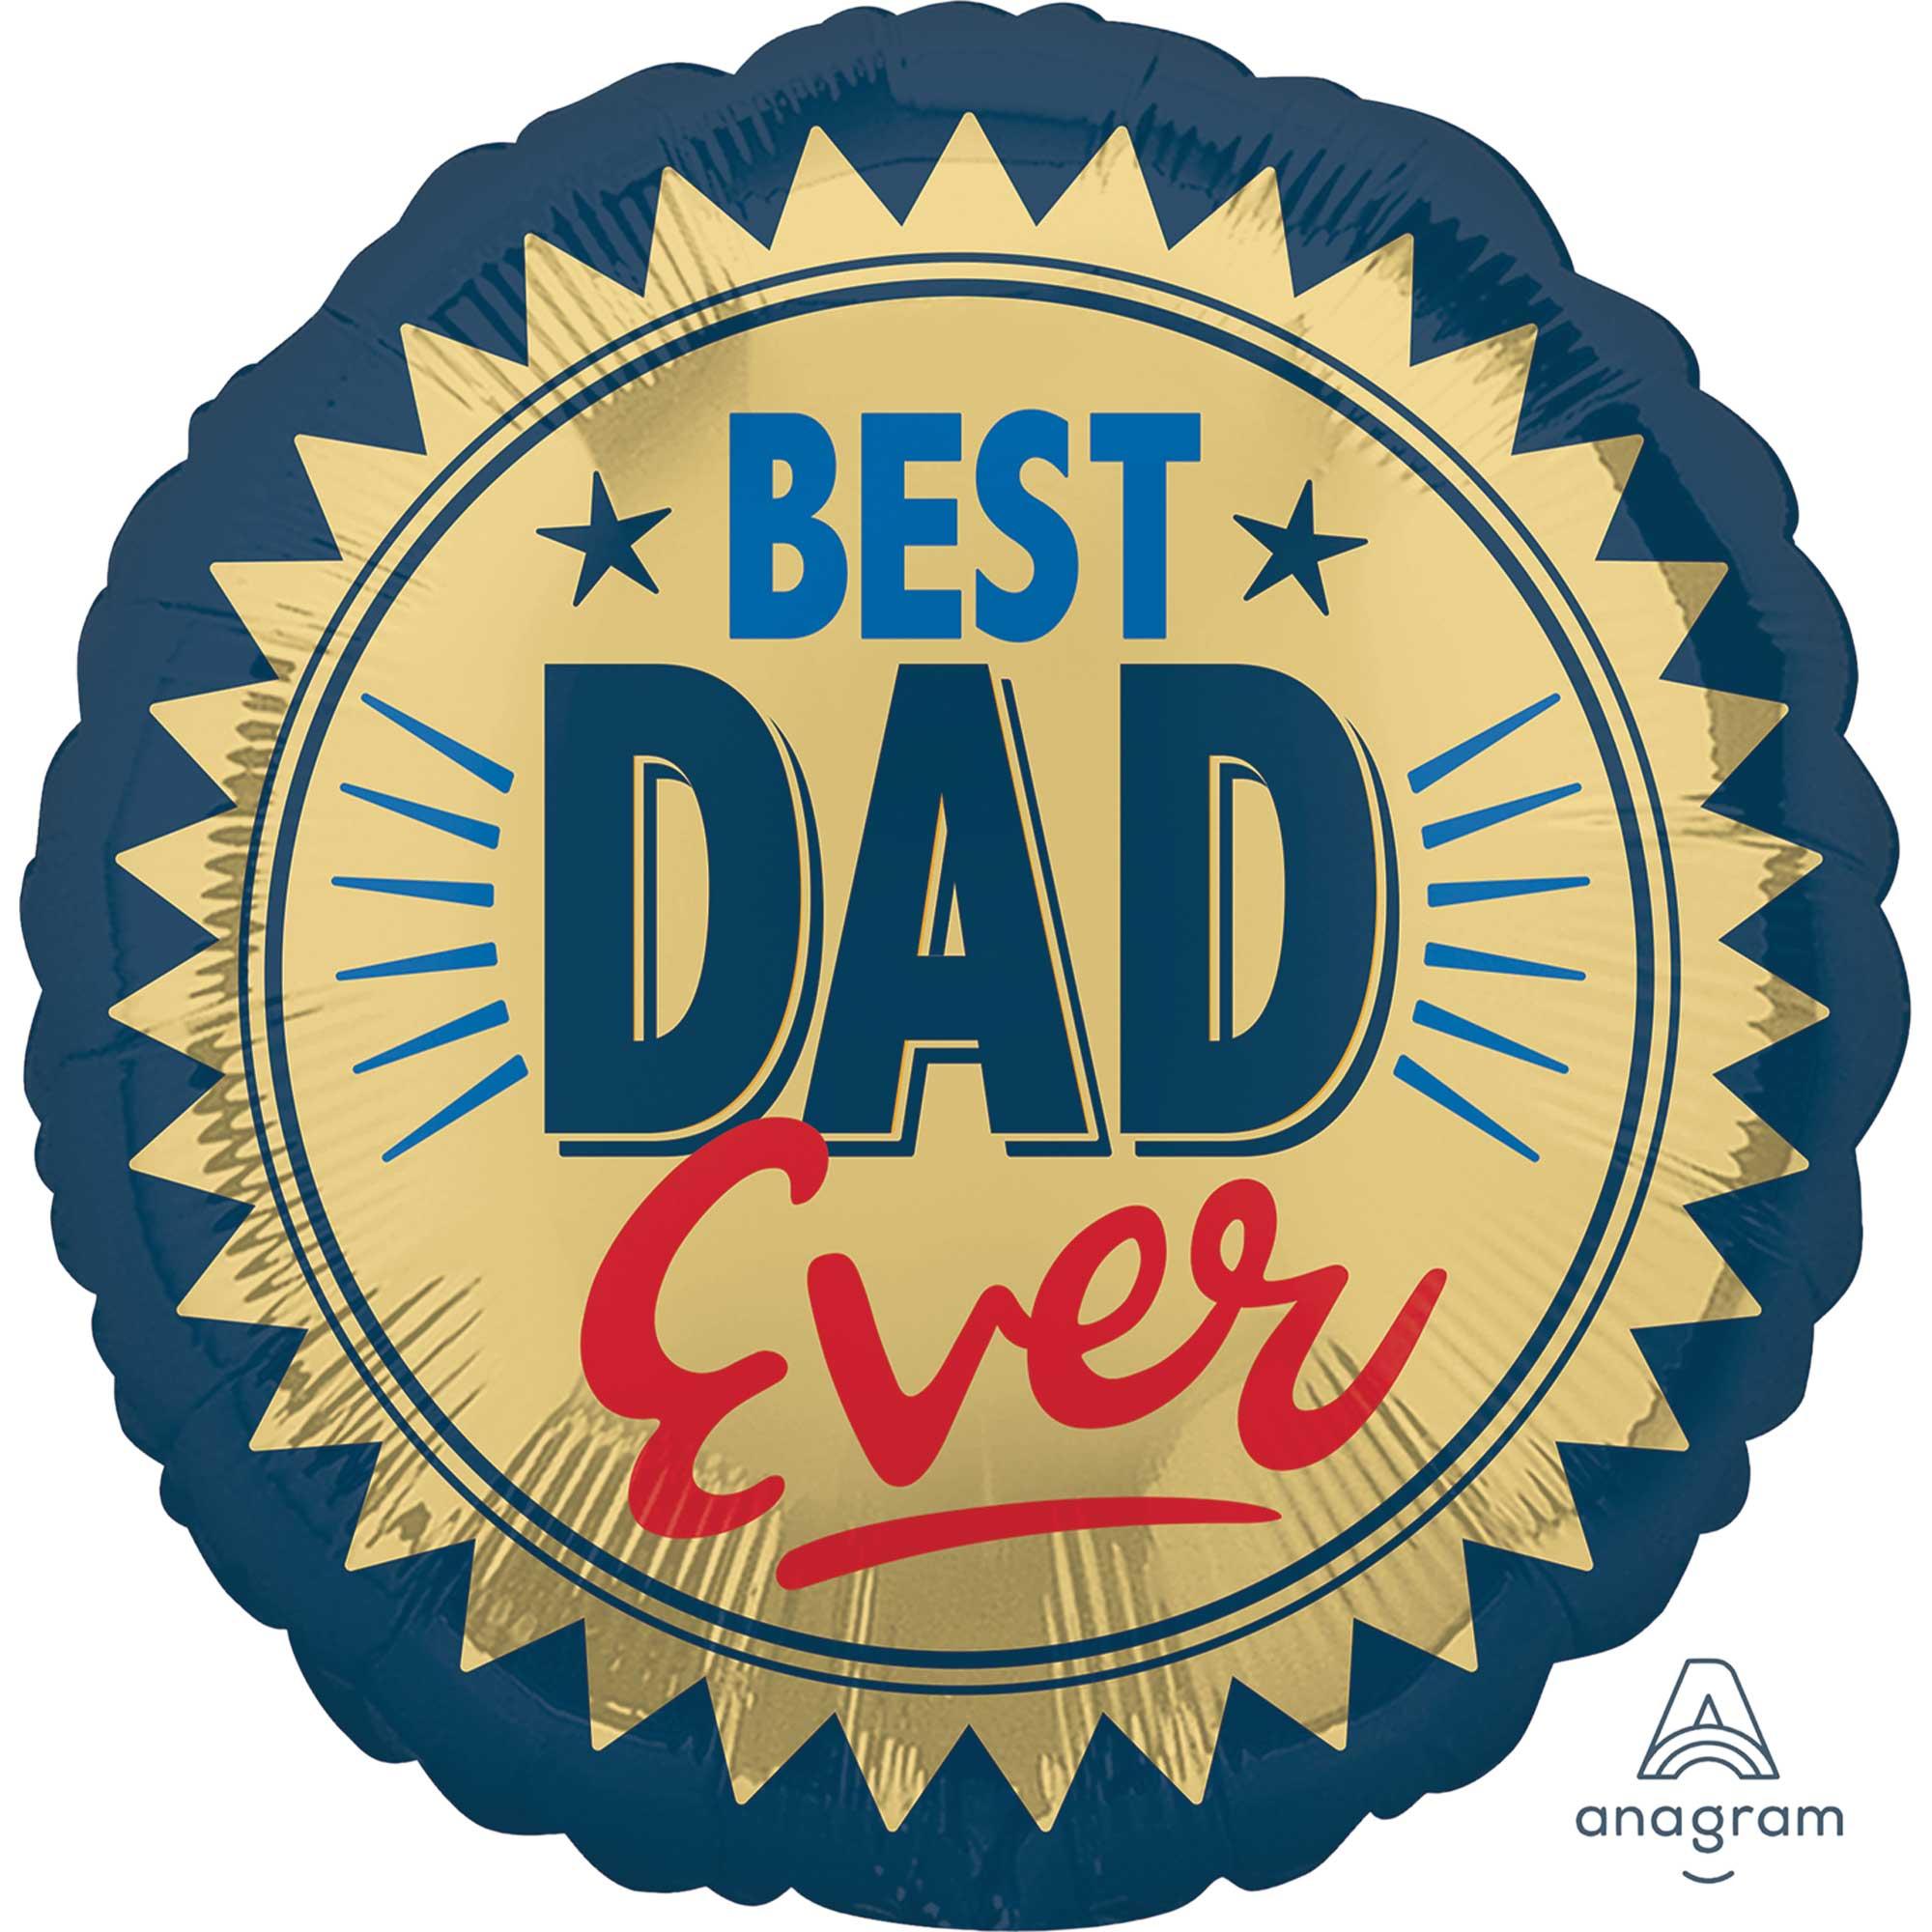 45cm Standard HX Best Dad Ever Gold Stamp S40